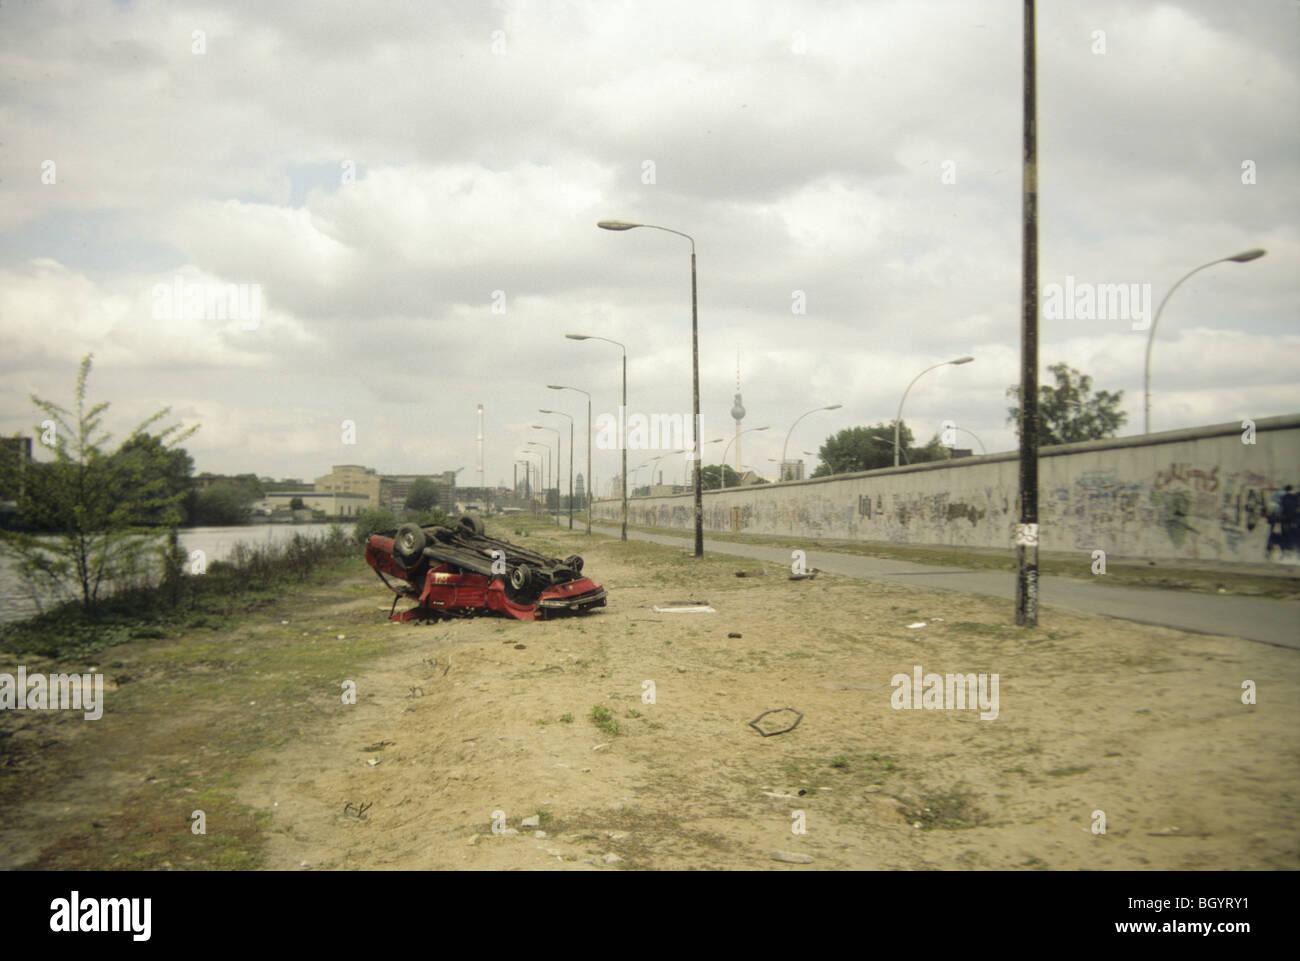 Una vettura si siede ribaltato e abbandonato nei pressi del muro di Berlino nel maggio del 1991, poco prima del Immagini Stock